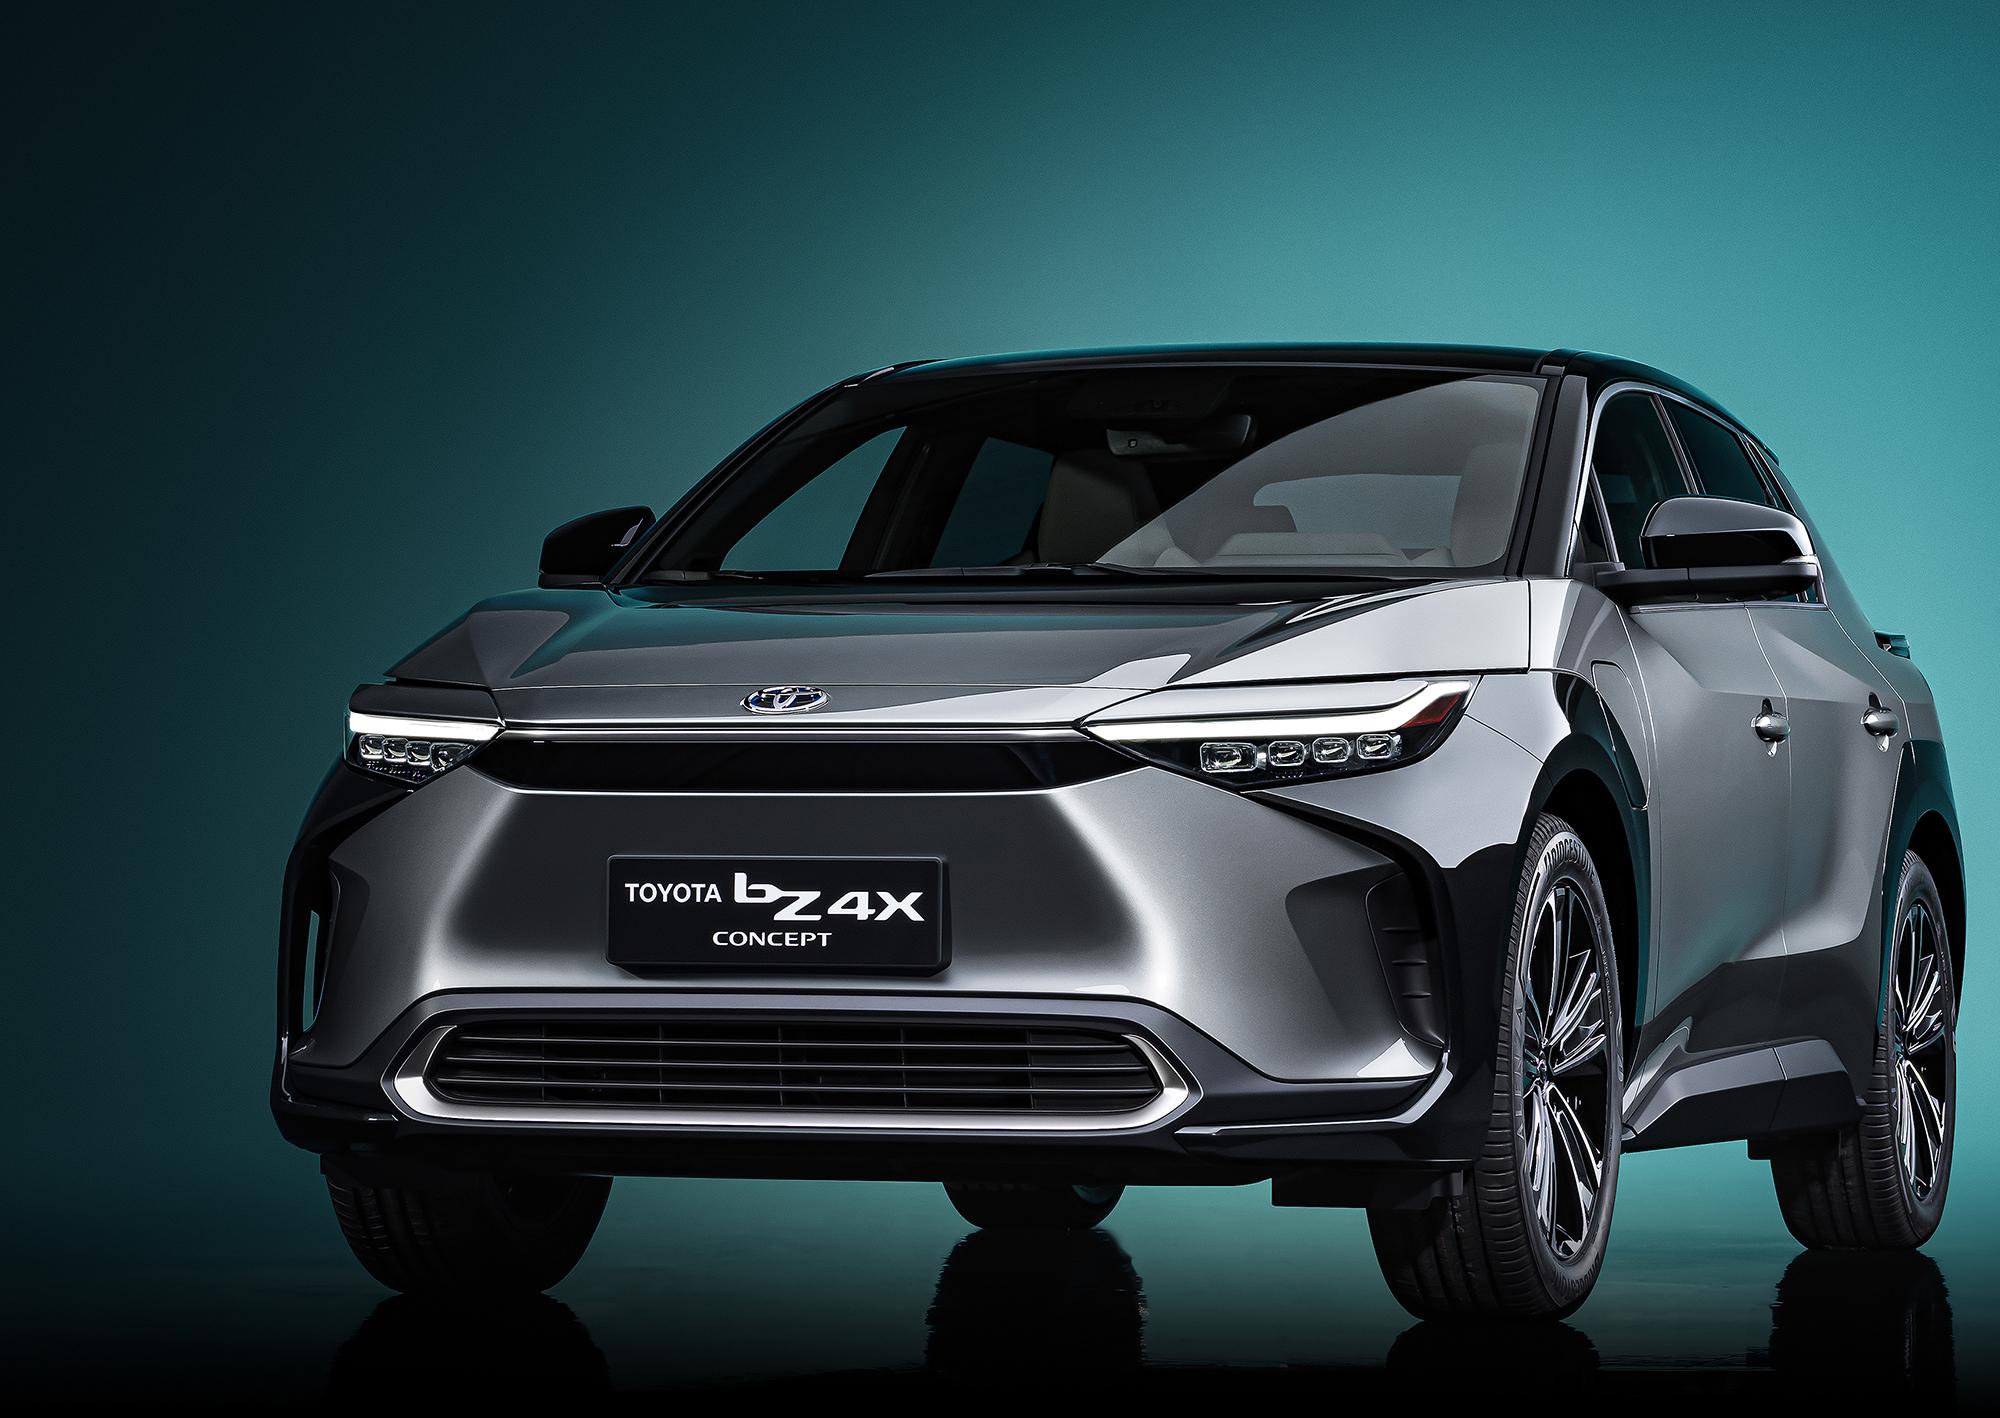 Toyota инвестирует $13,6 млрд в разработку автомобильных батарей - ITC.ua